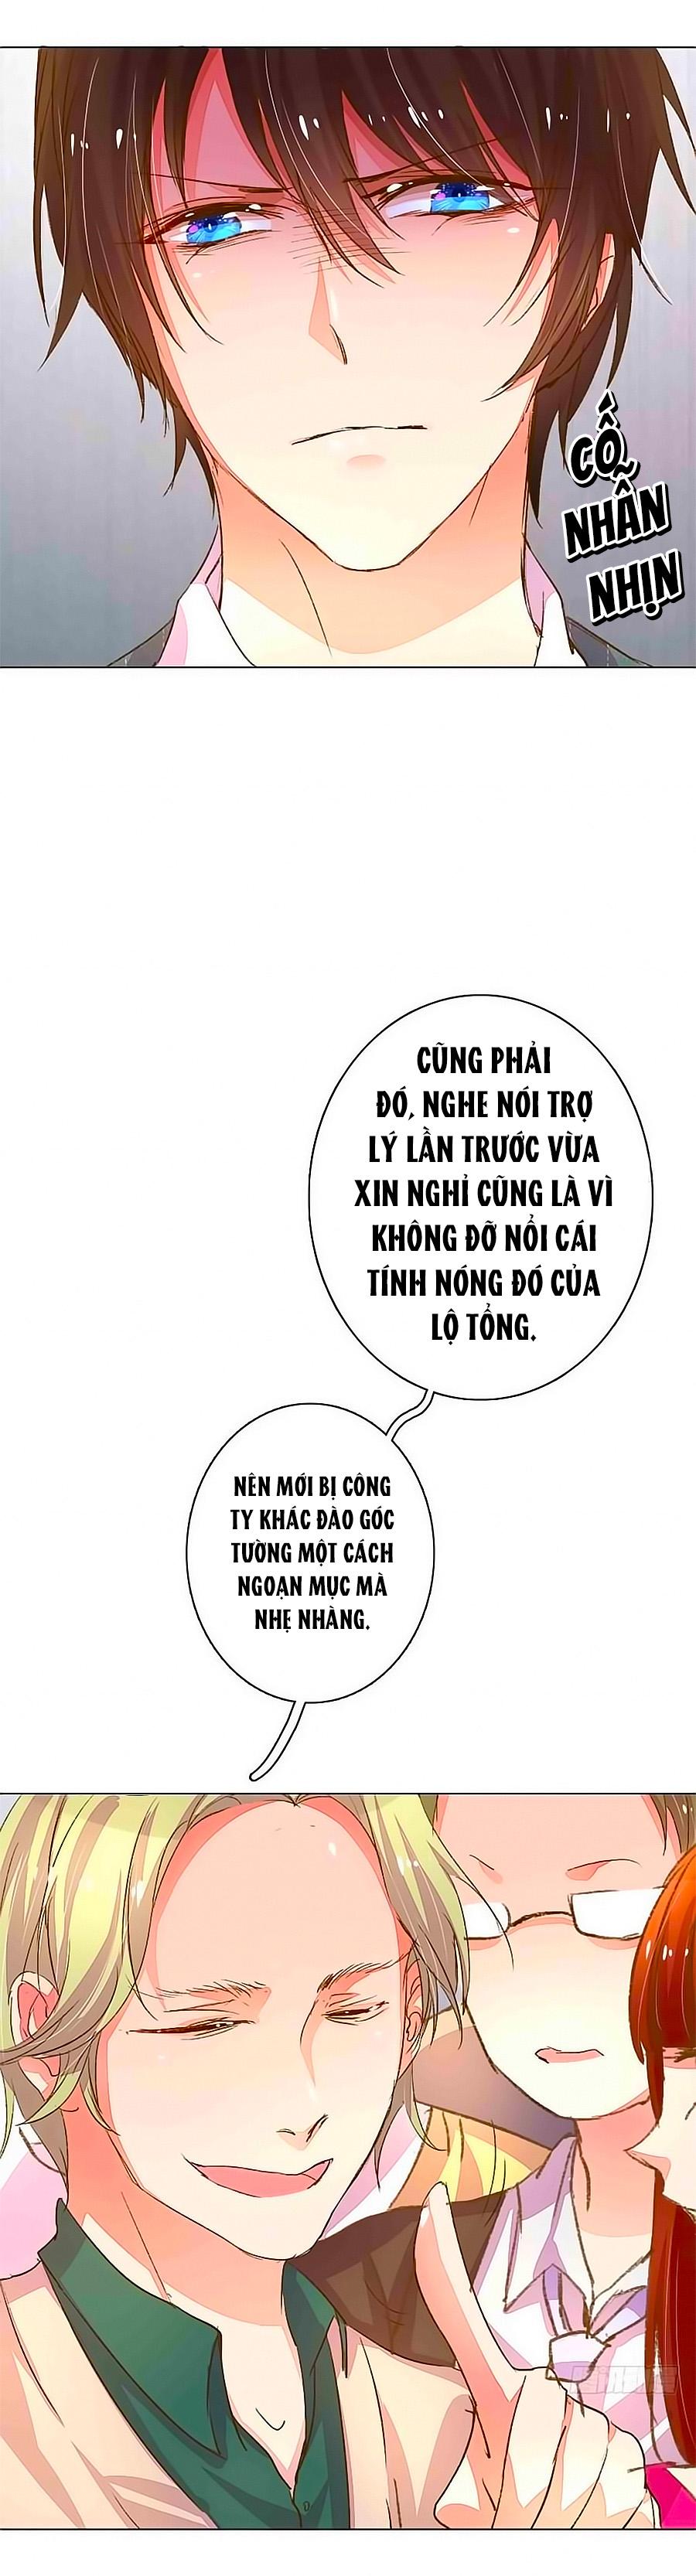 Hào Môn Tiểu Lãn Thê Chap 48 - Trang 9